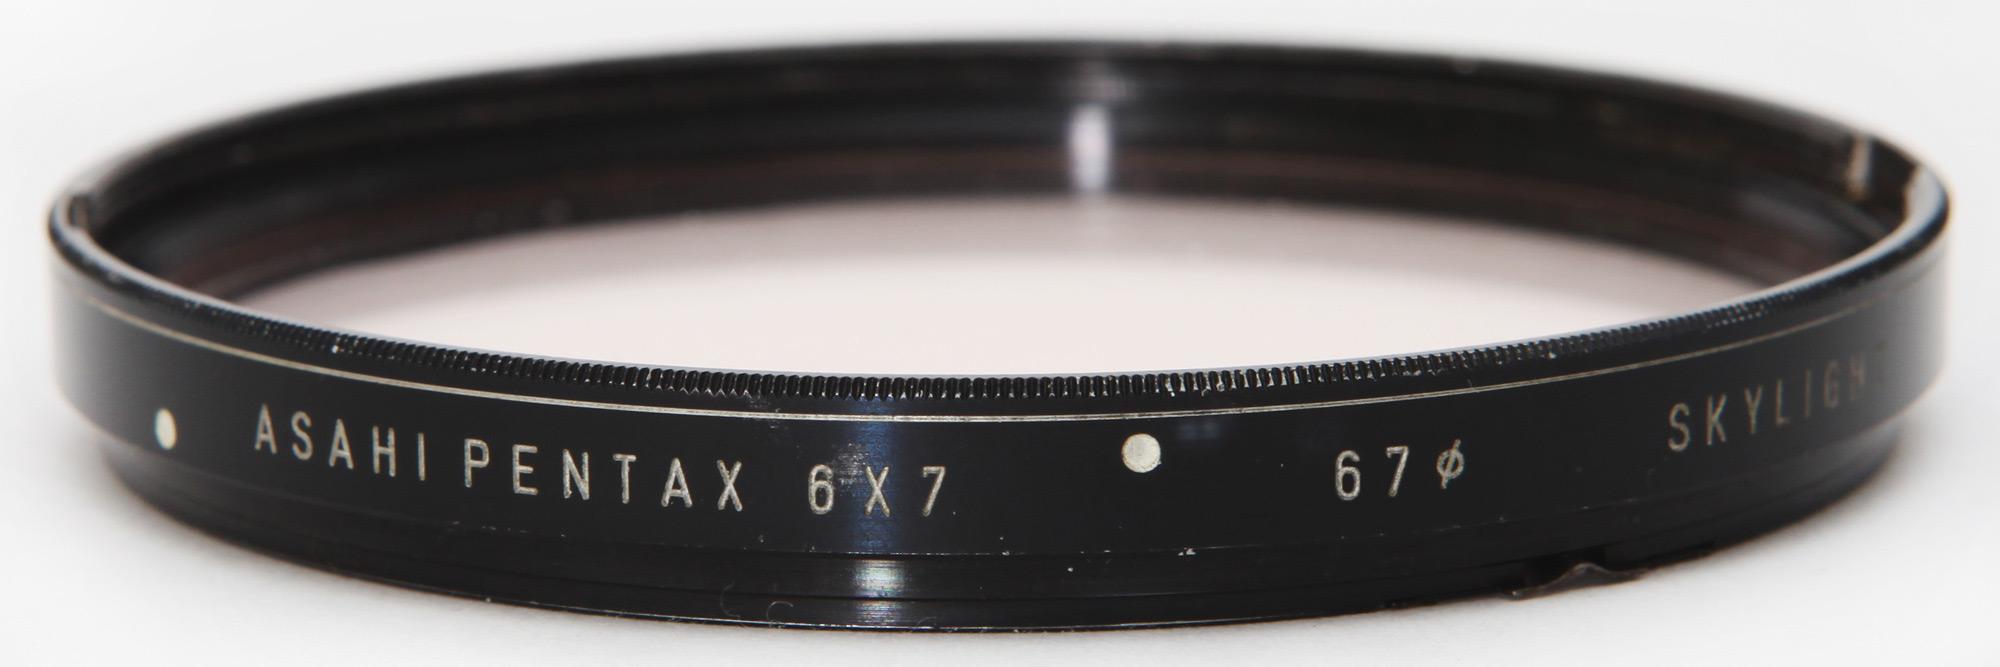 Pentax 6X7 Bayonet mount filter 67mm skylight